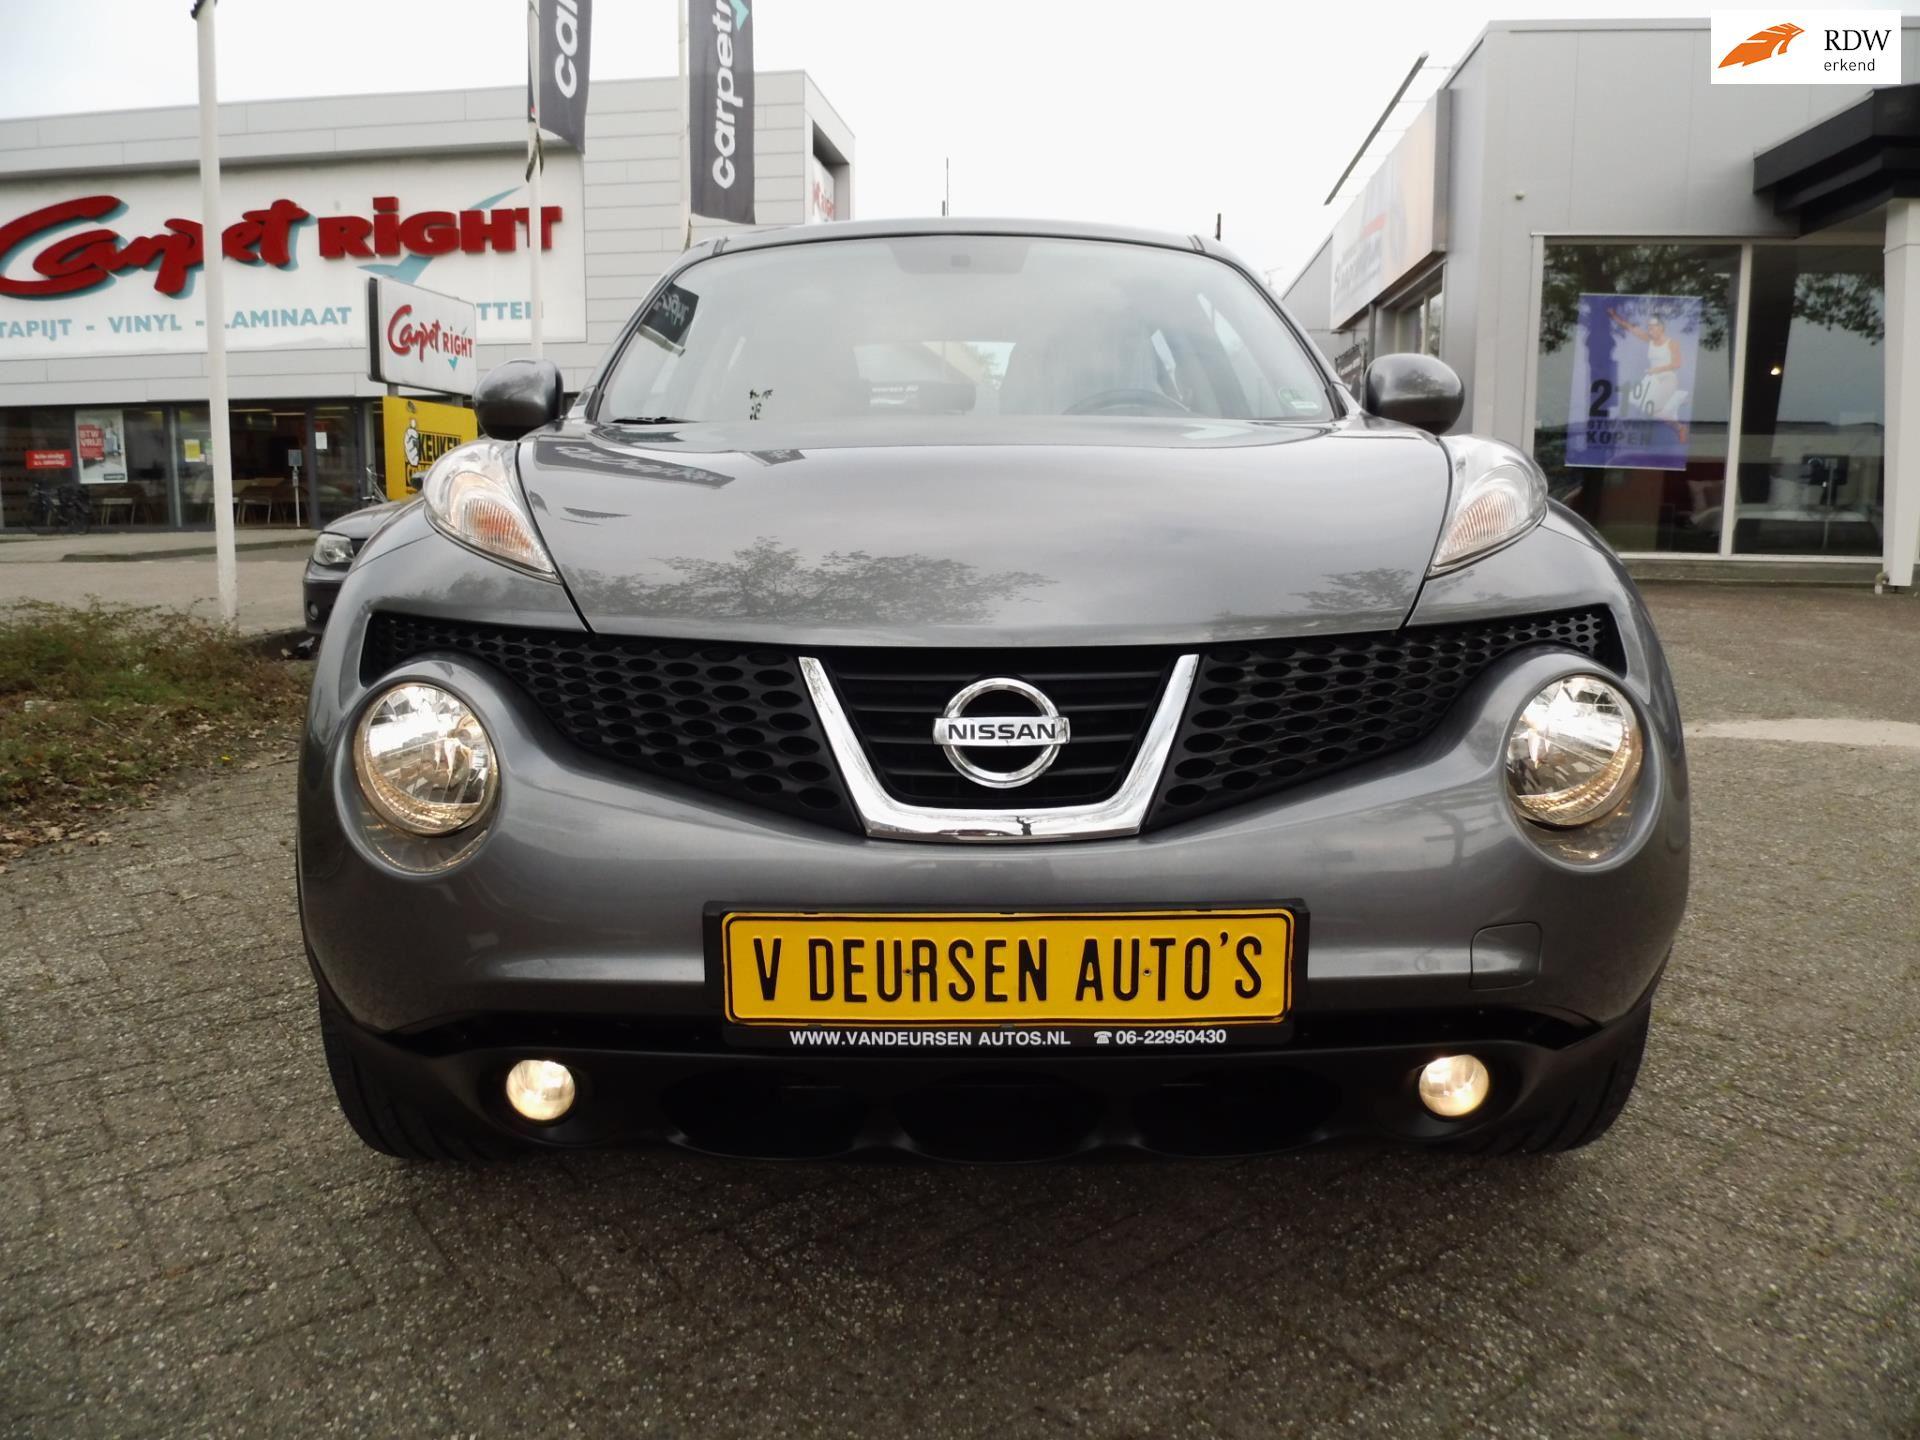 Nissan Juke occasion - Van Deursen Auto's